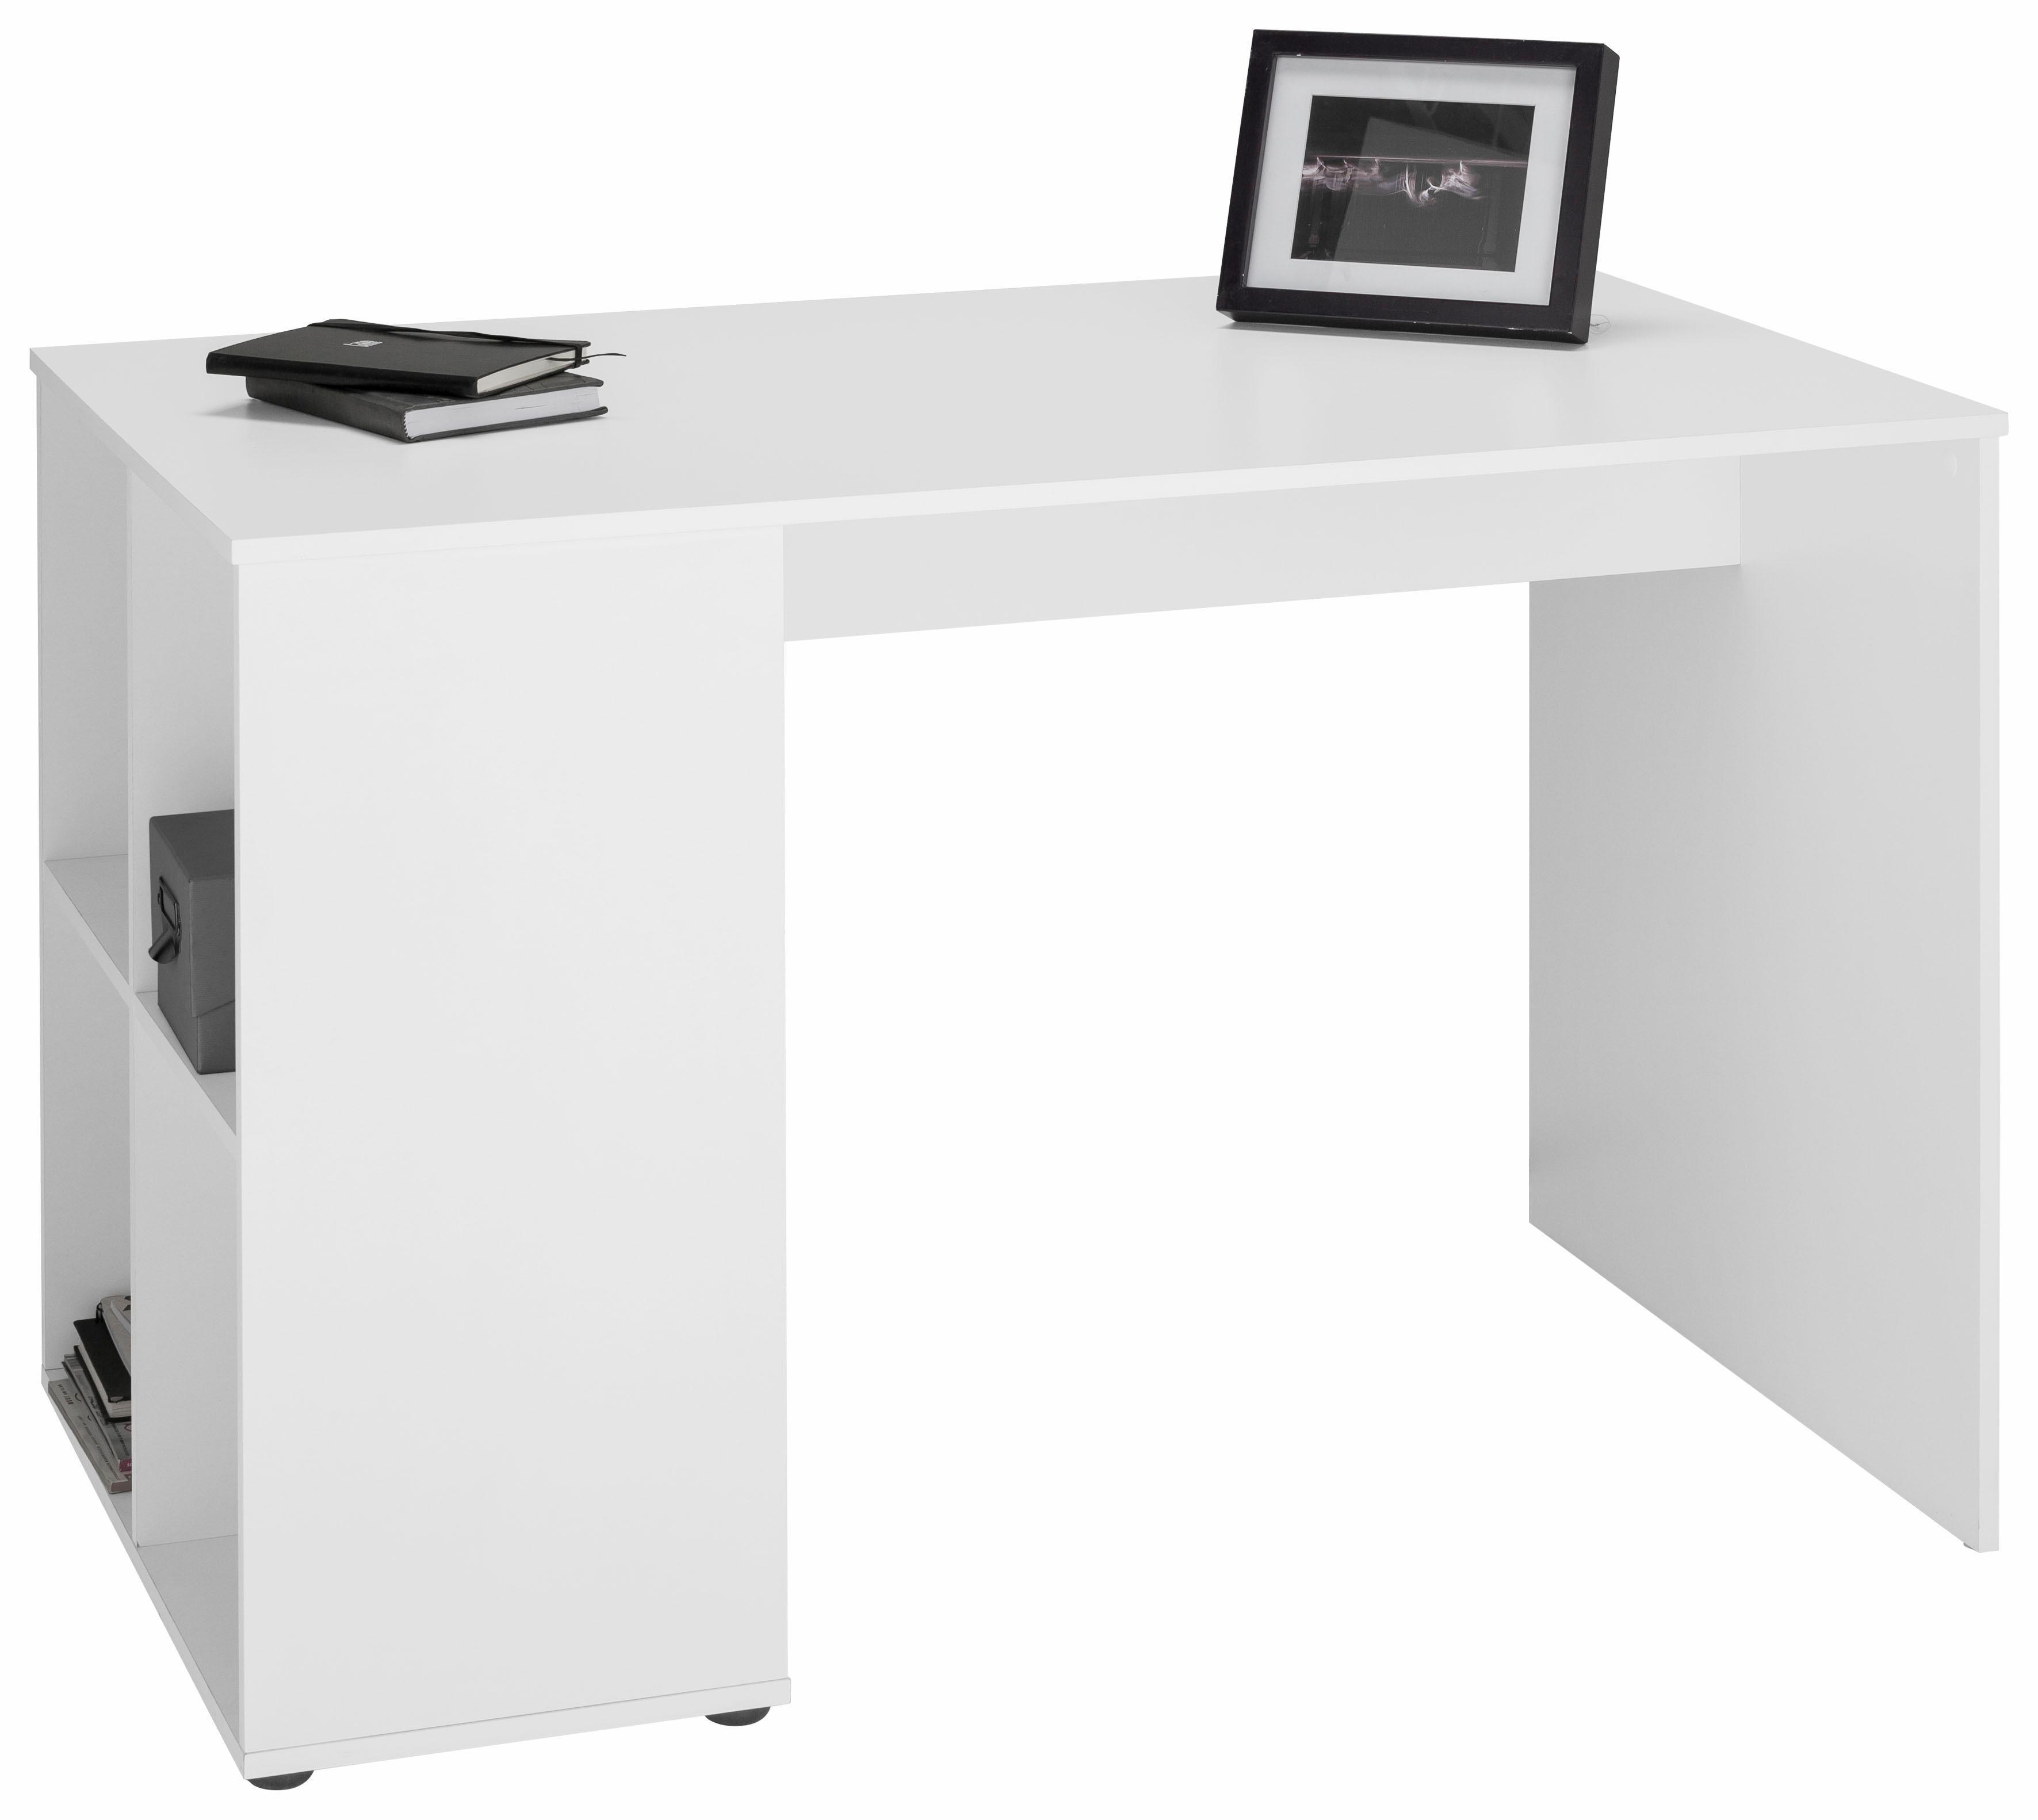 Fmd bureau »Gent« bij OTTO online kopen